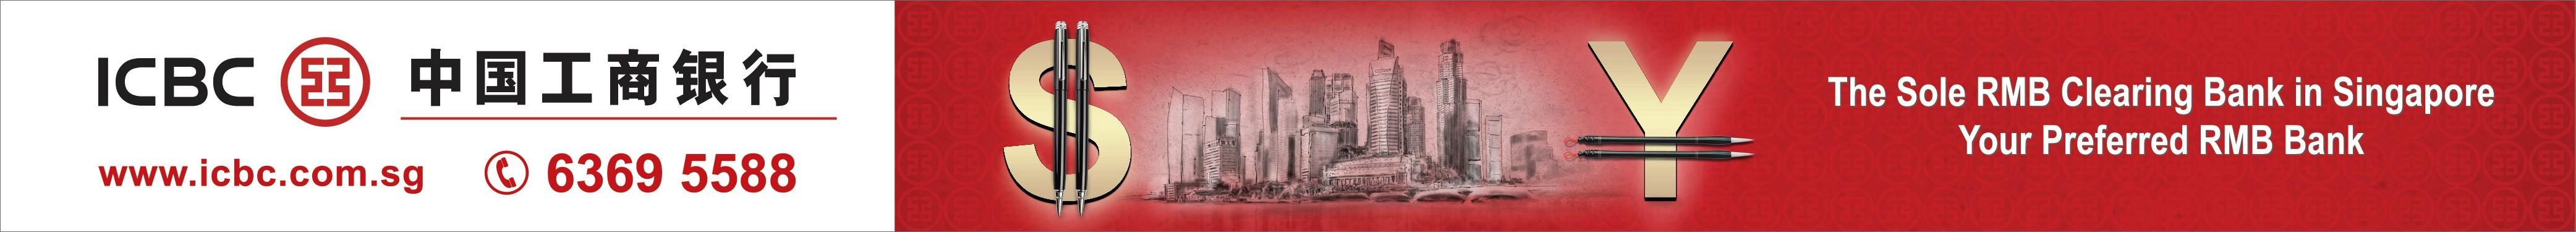 中國工商銀行(大)